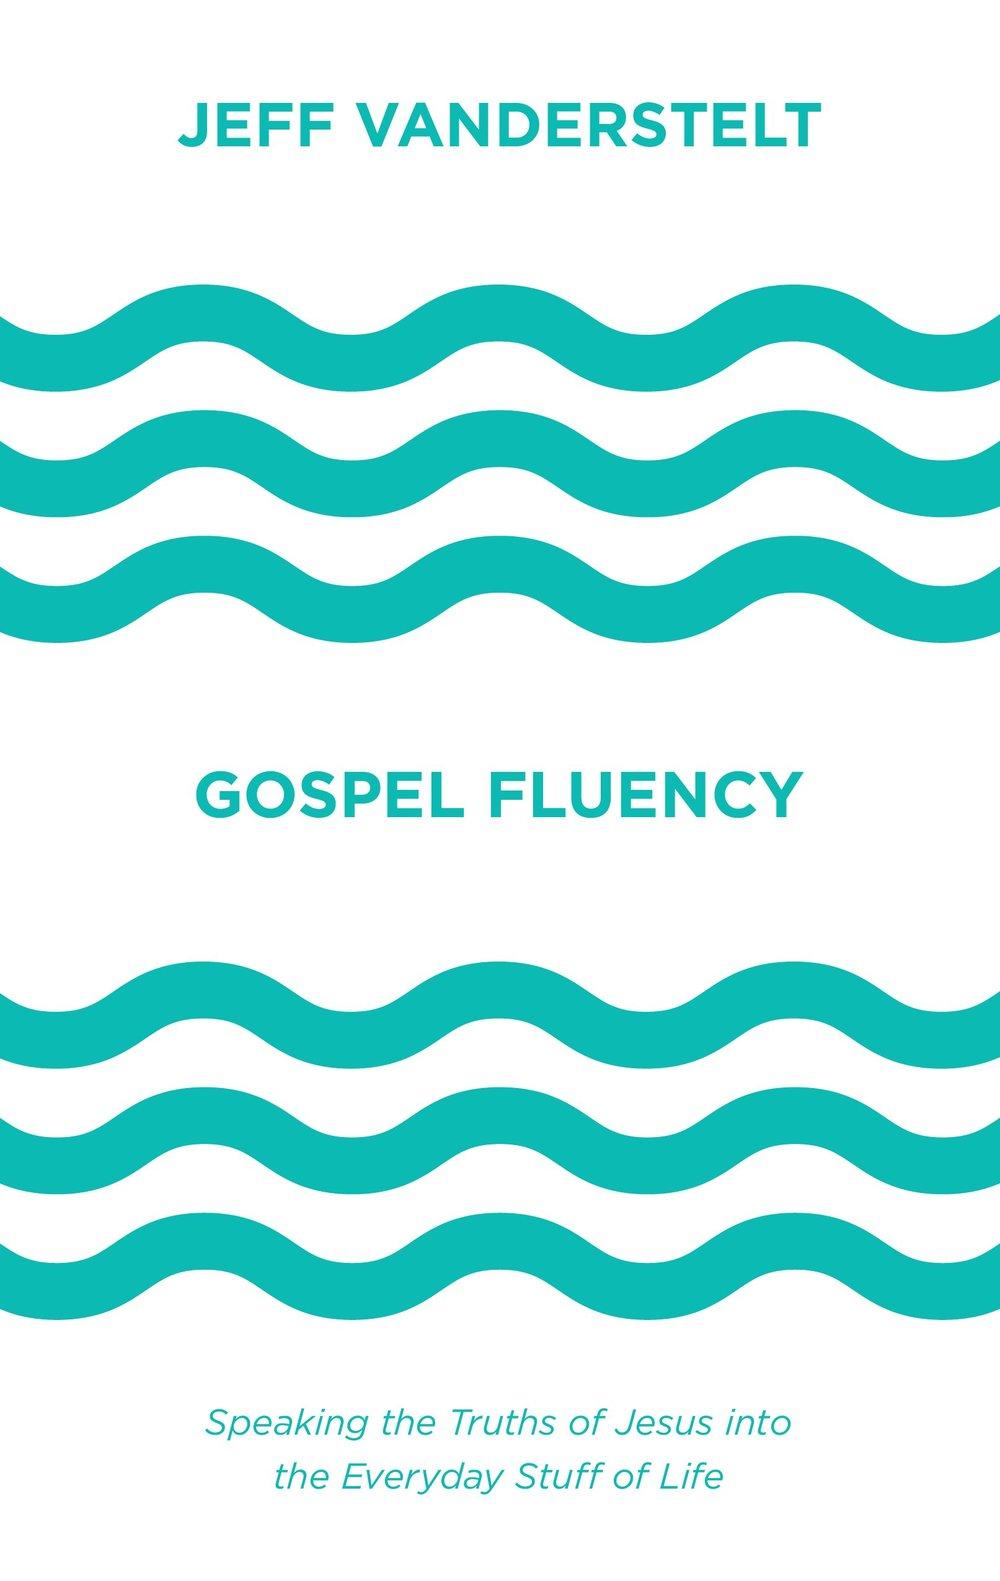 20170214-gospel-fluency.jpg